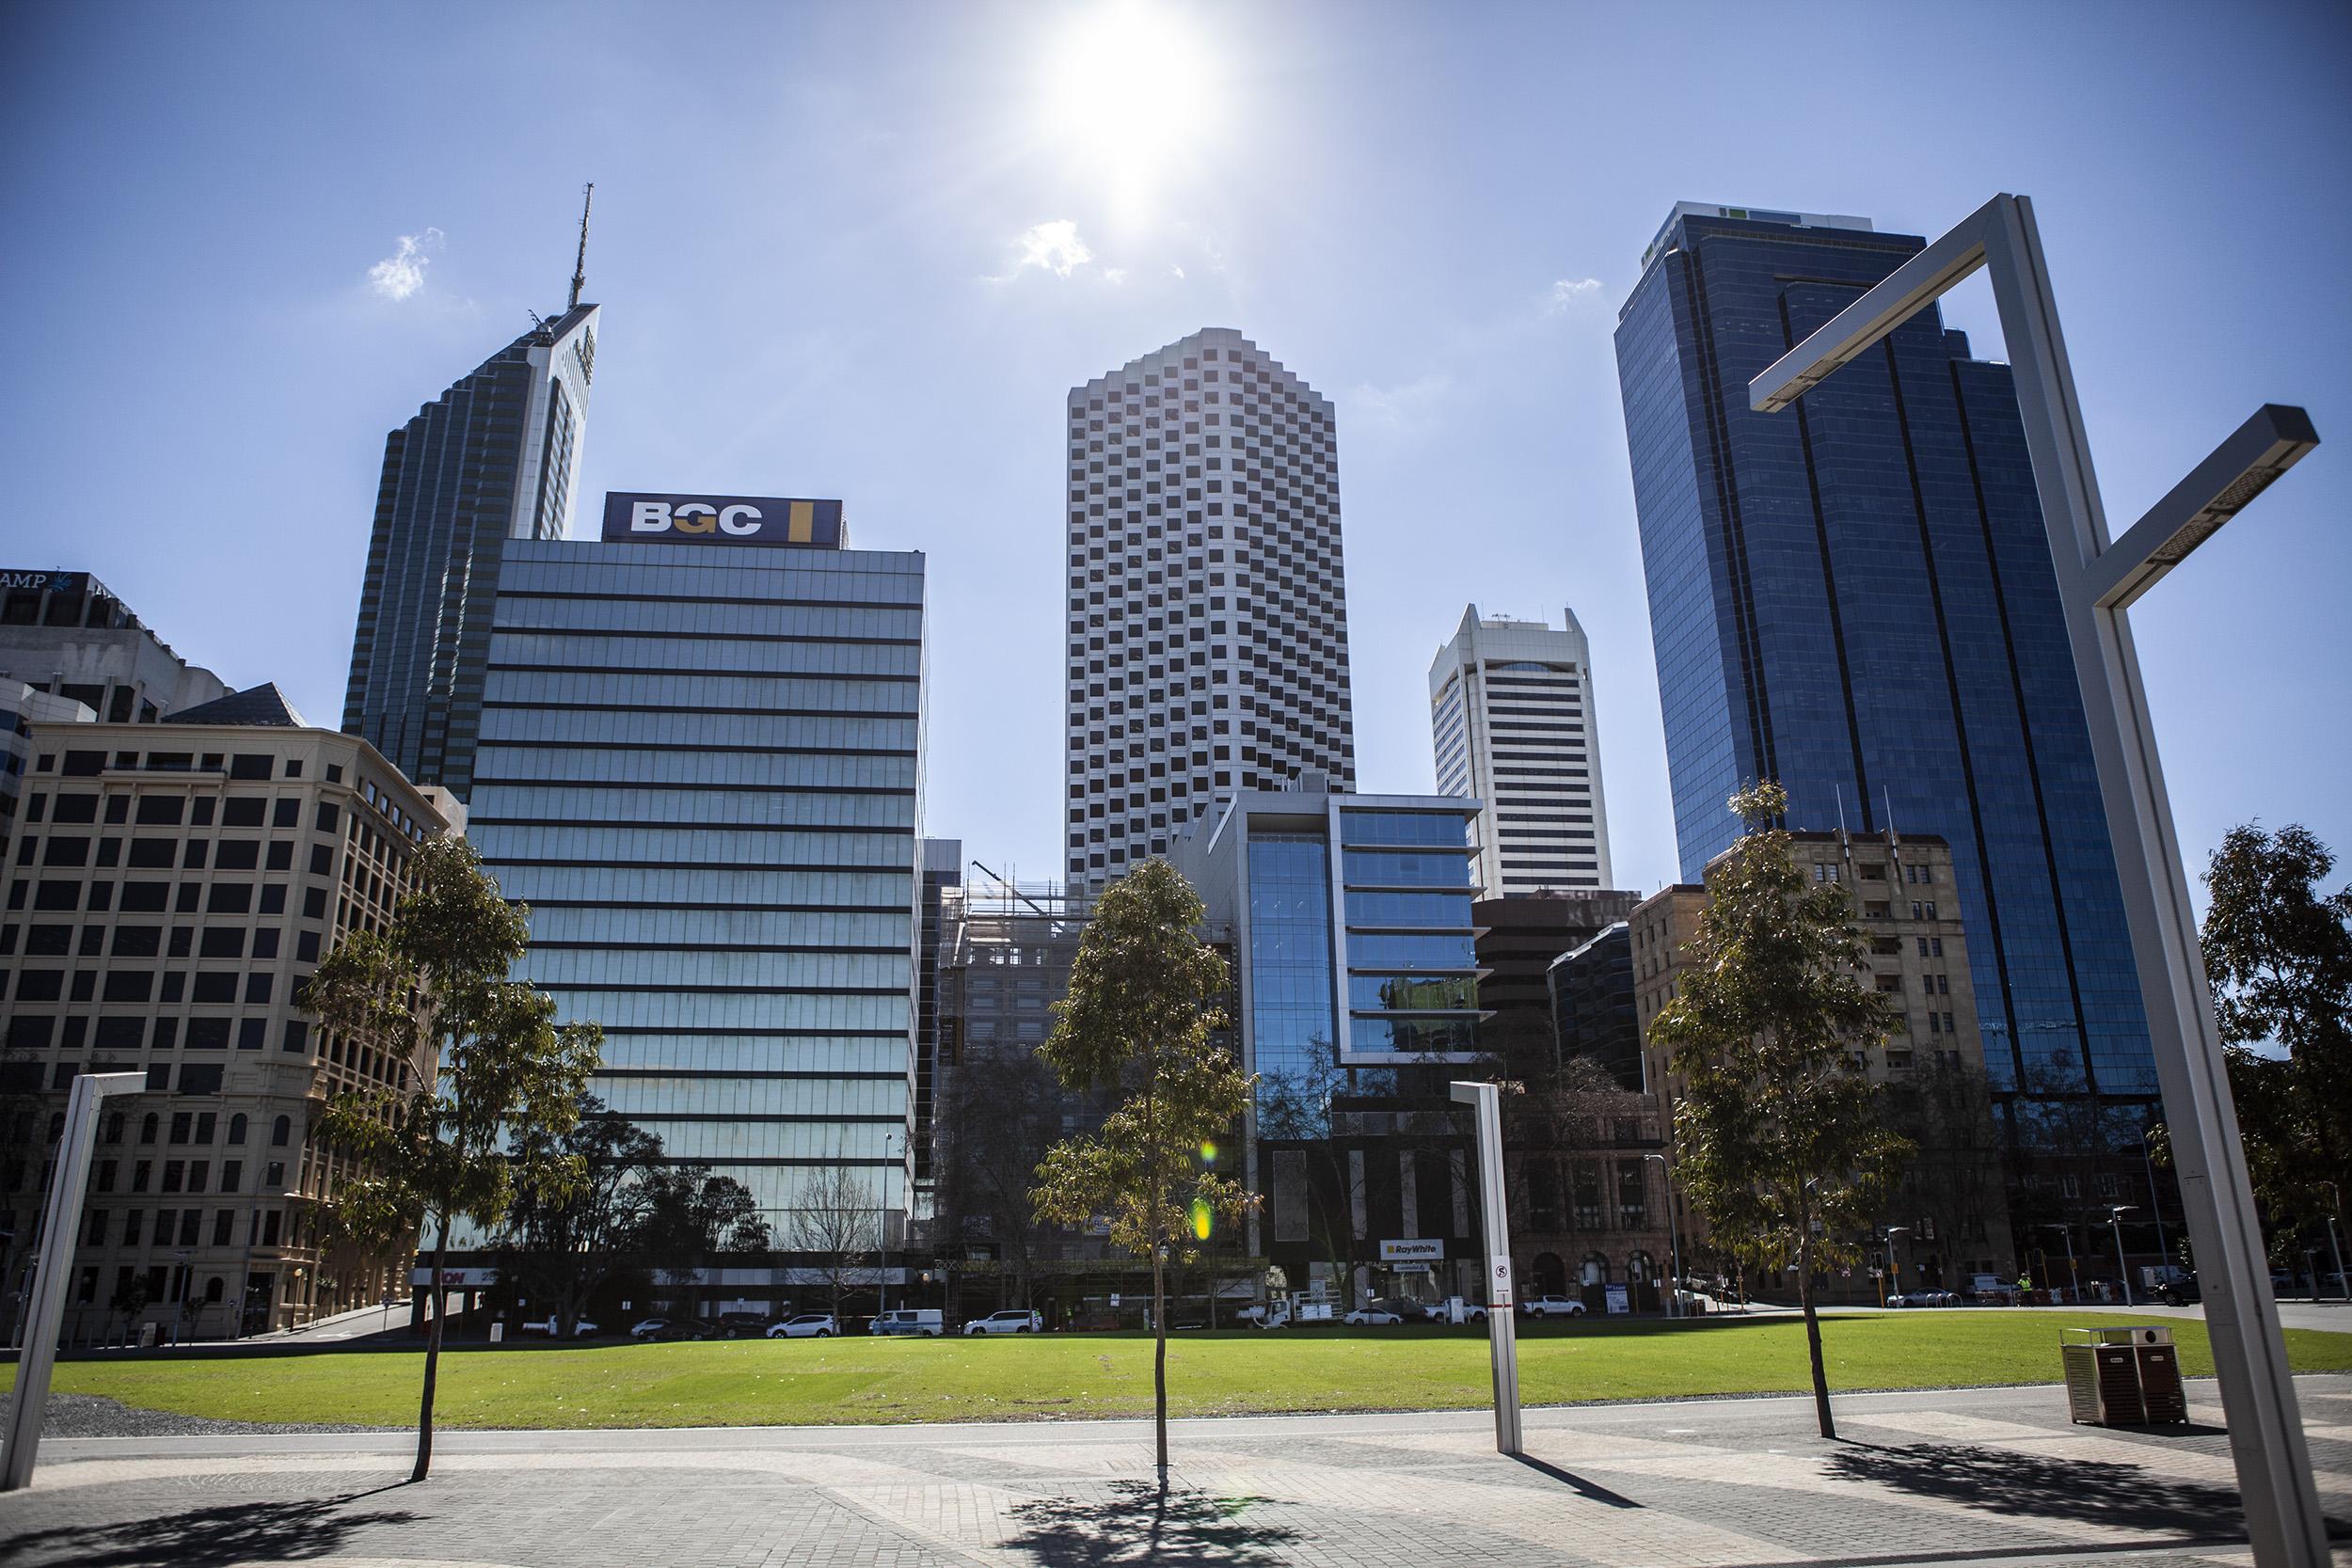 Vi kan väl bo centralt i Perth? Fram med kortet!